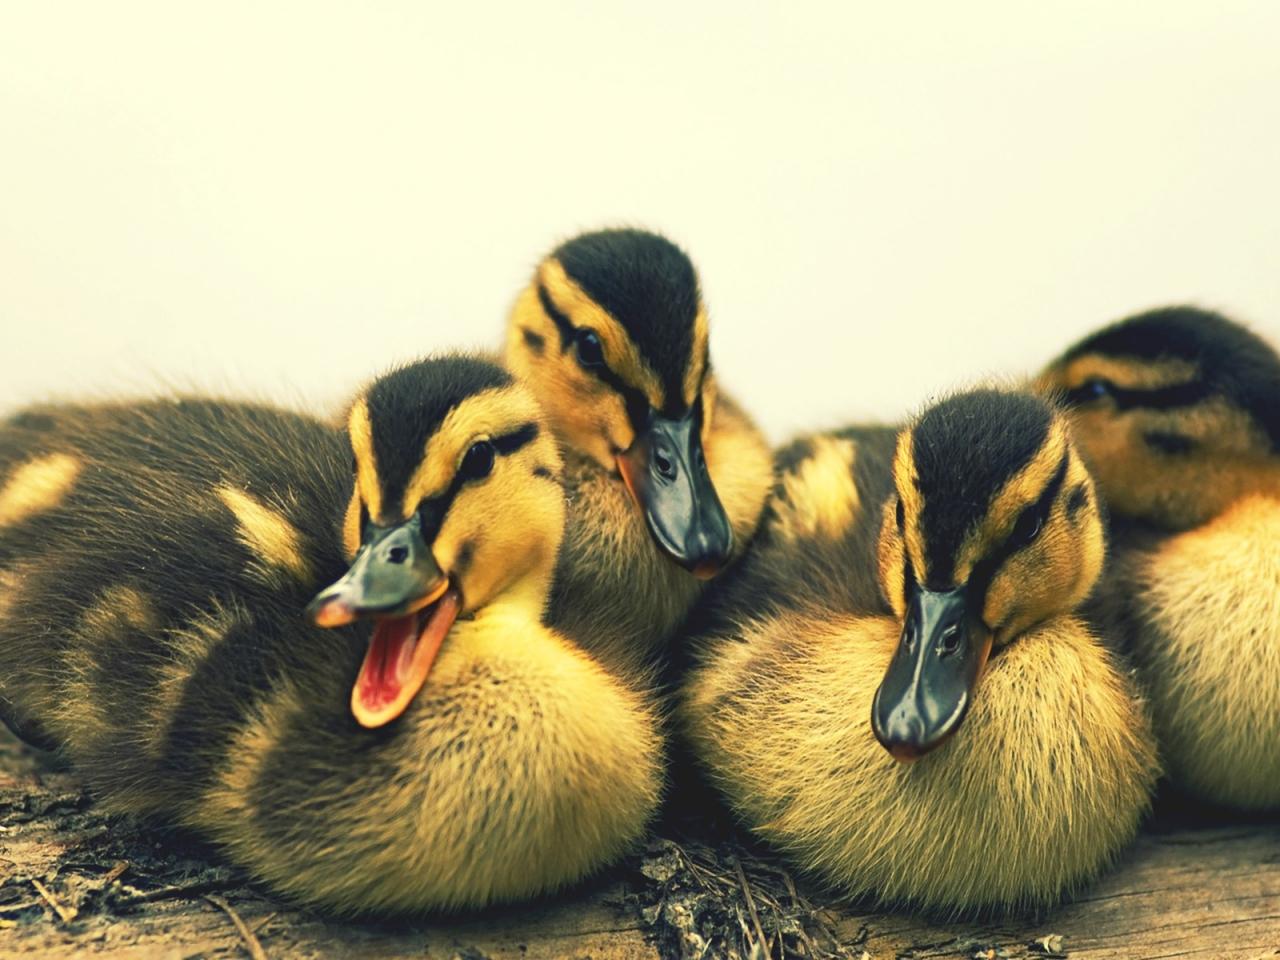 Patos bebes - 1280x960